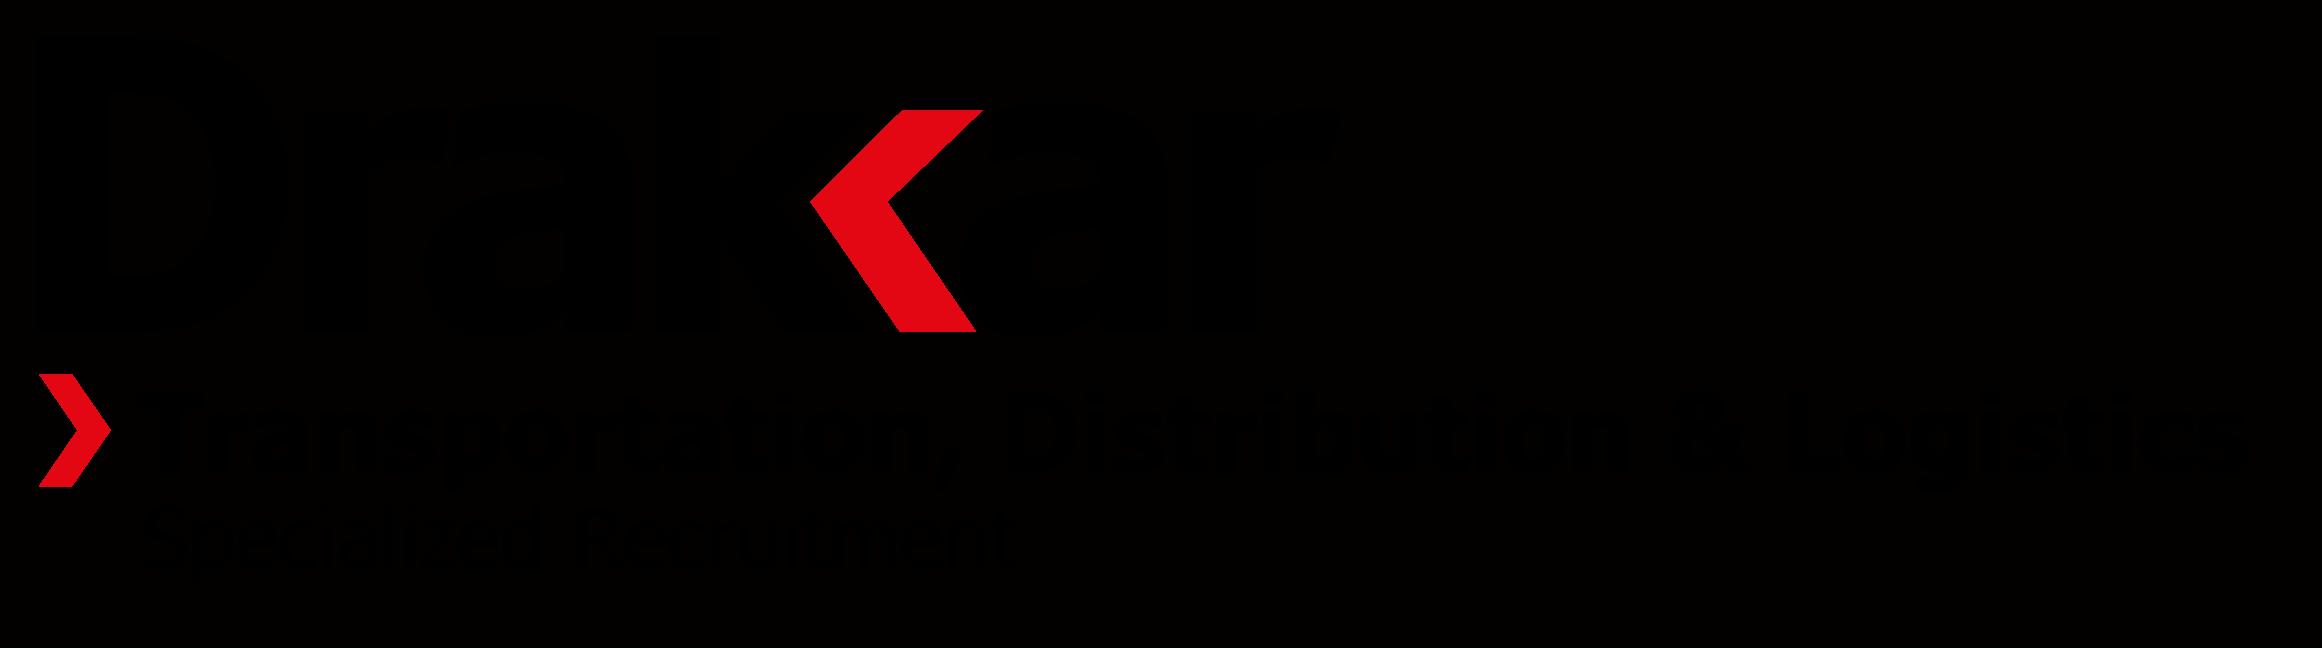 Drakkar-TDL